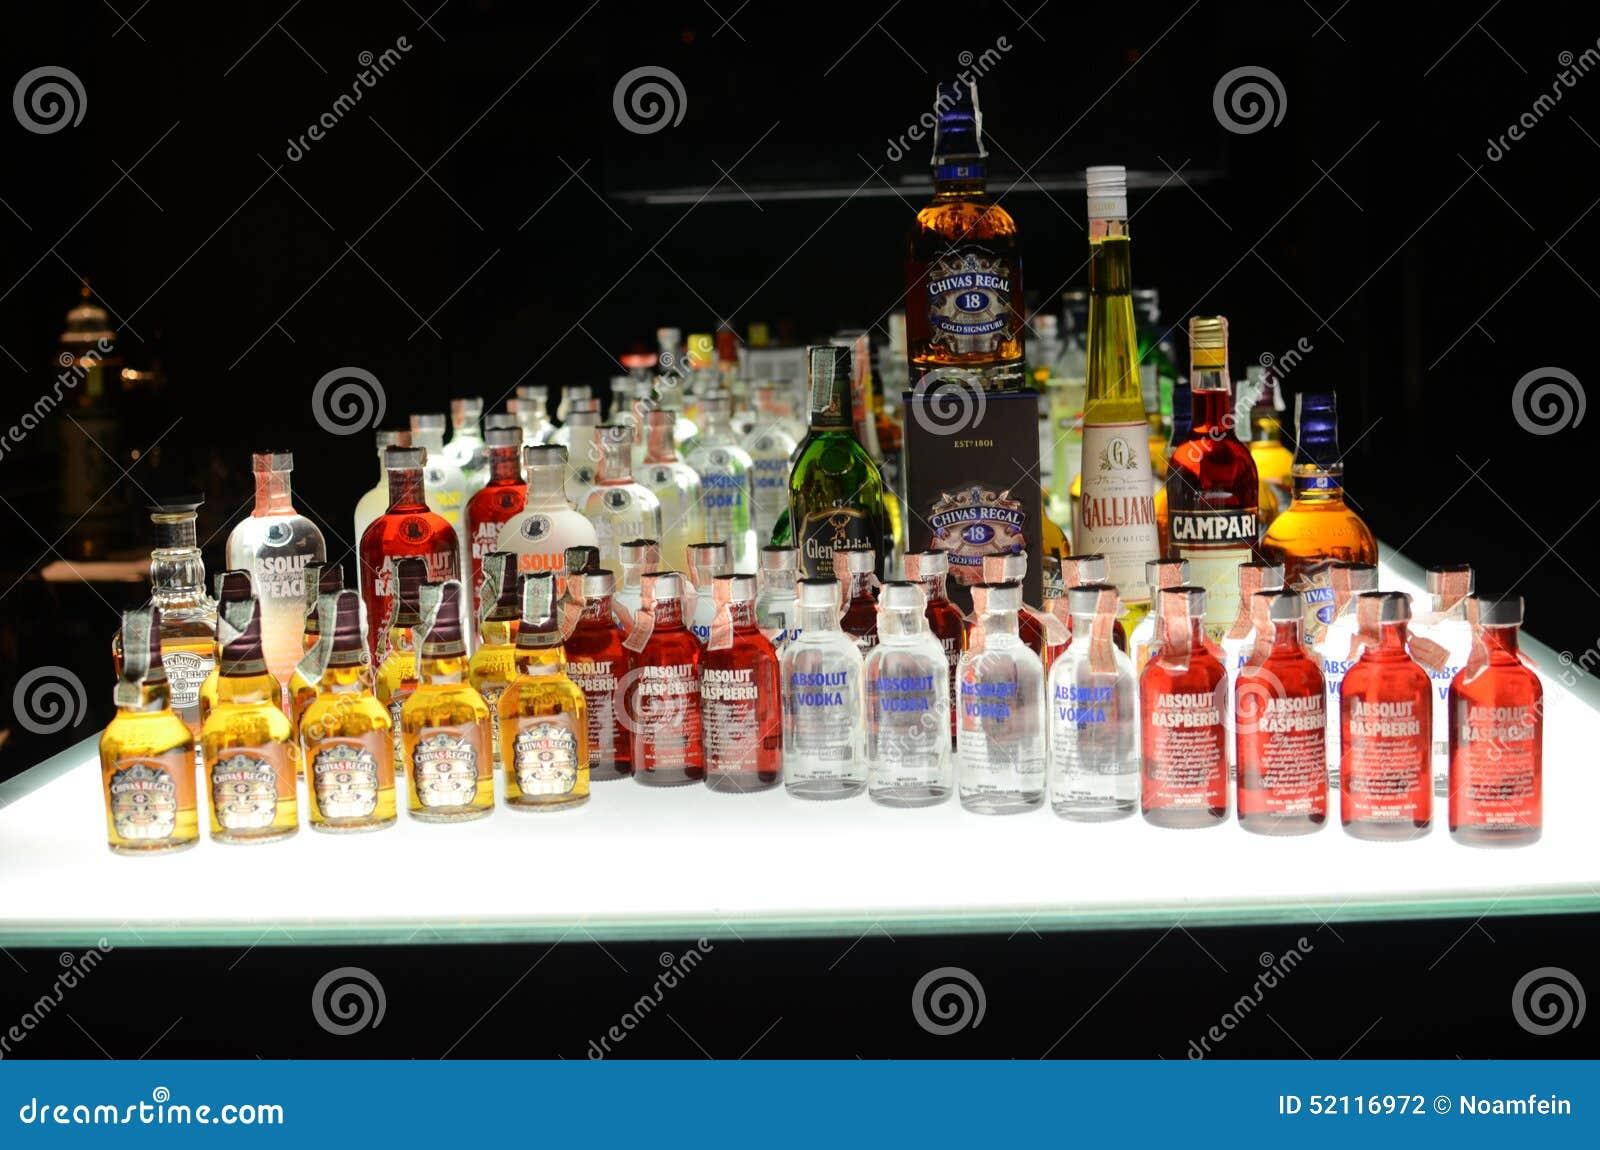 Image Boisson Alcoolisee : Bouteilles de boissons alcoolis?es, boisson alcoolis?e, alcool dans